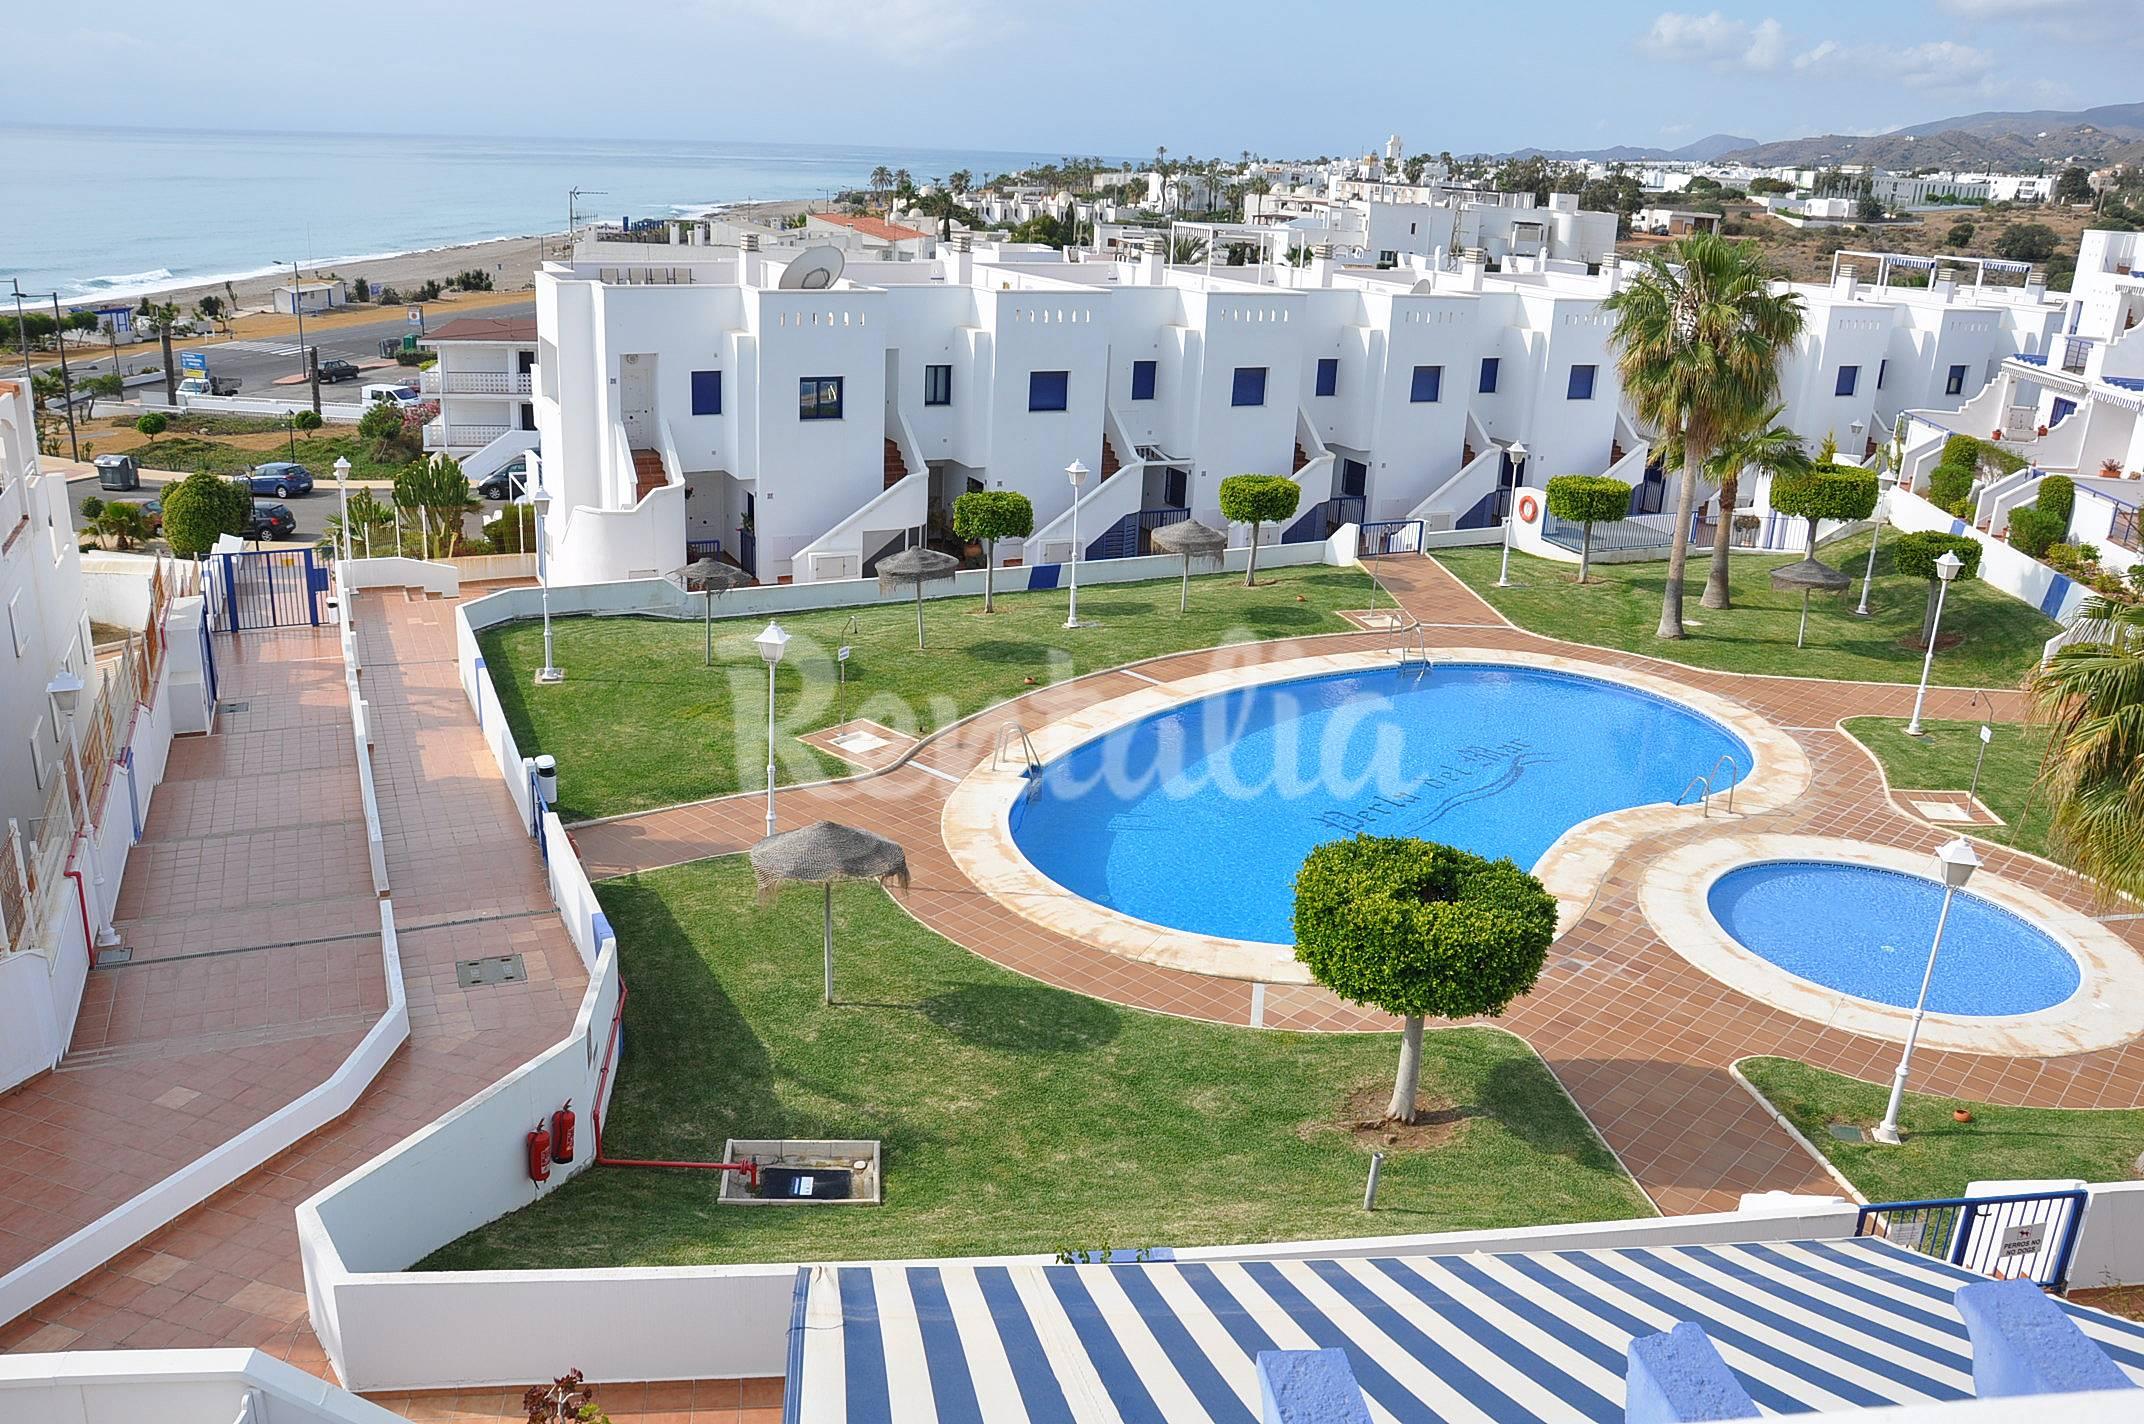 Apartamento en alquiler a 100 m de la playa moj car playa moj car almer a costa de almer a - Apartamentos alquiler mojacar ...